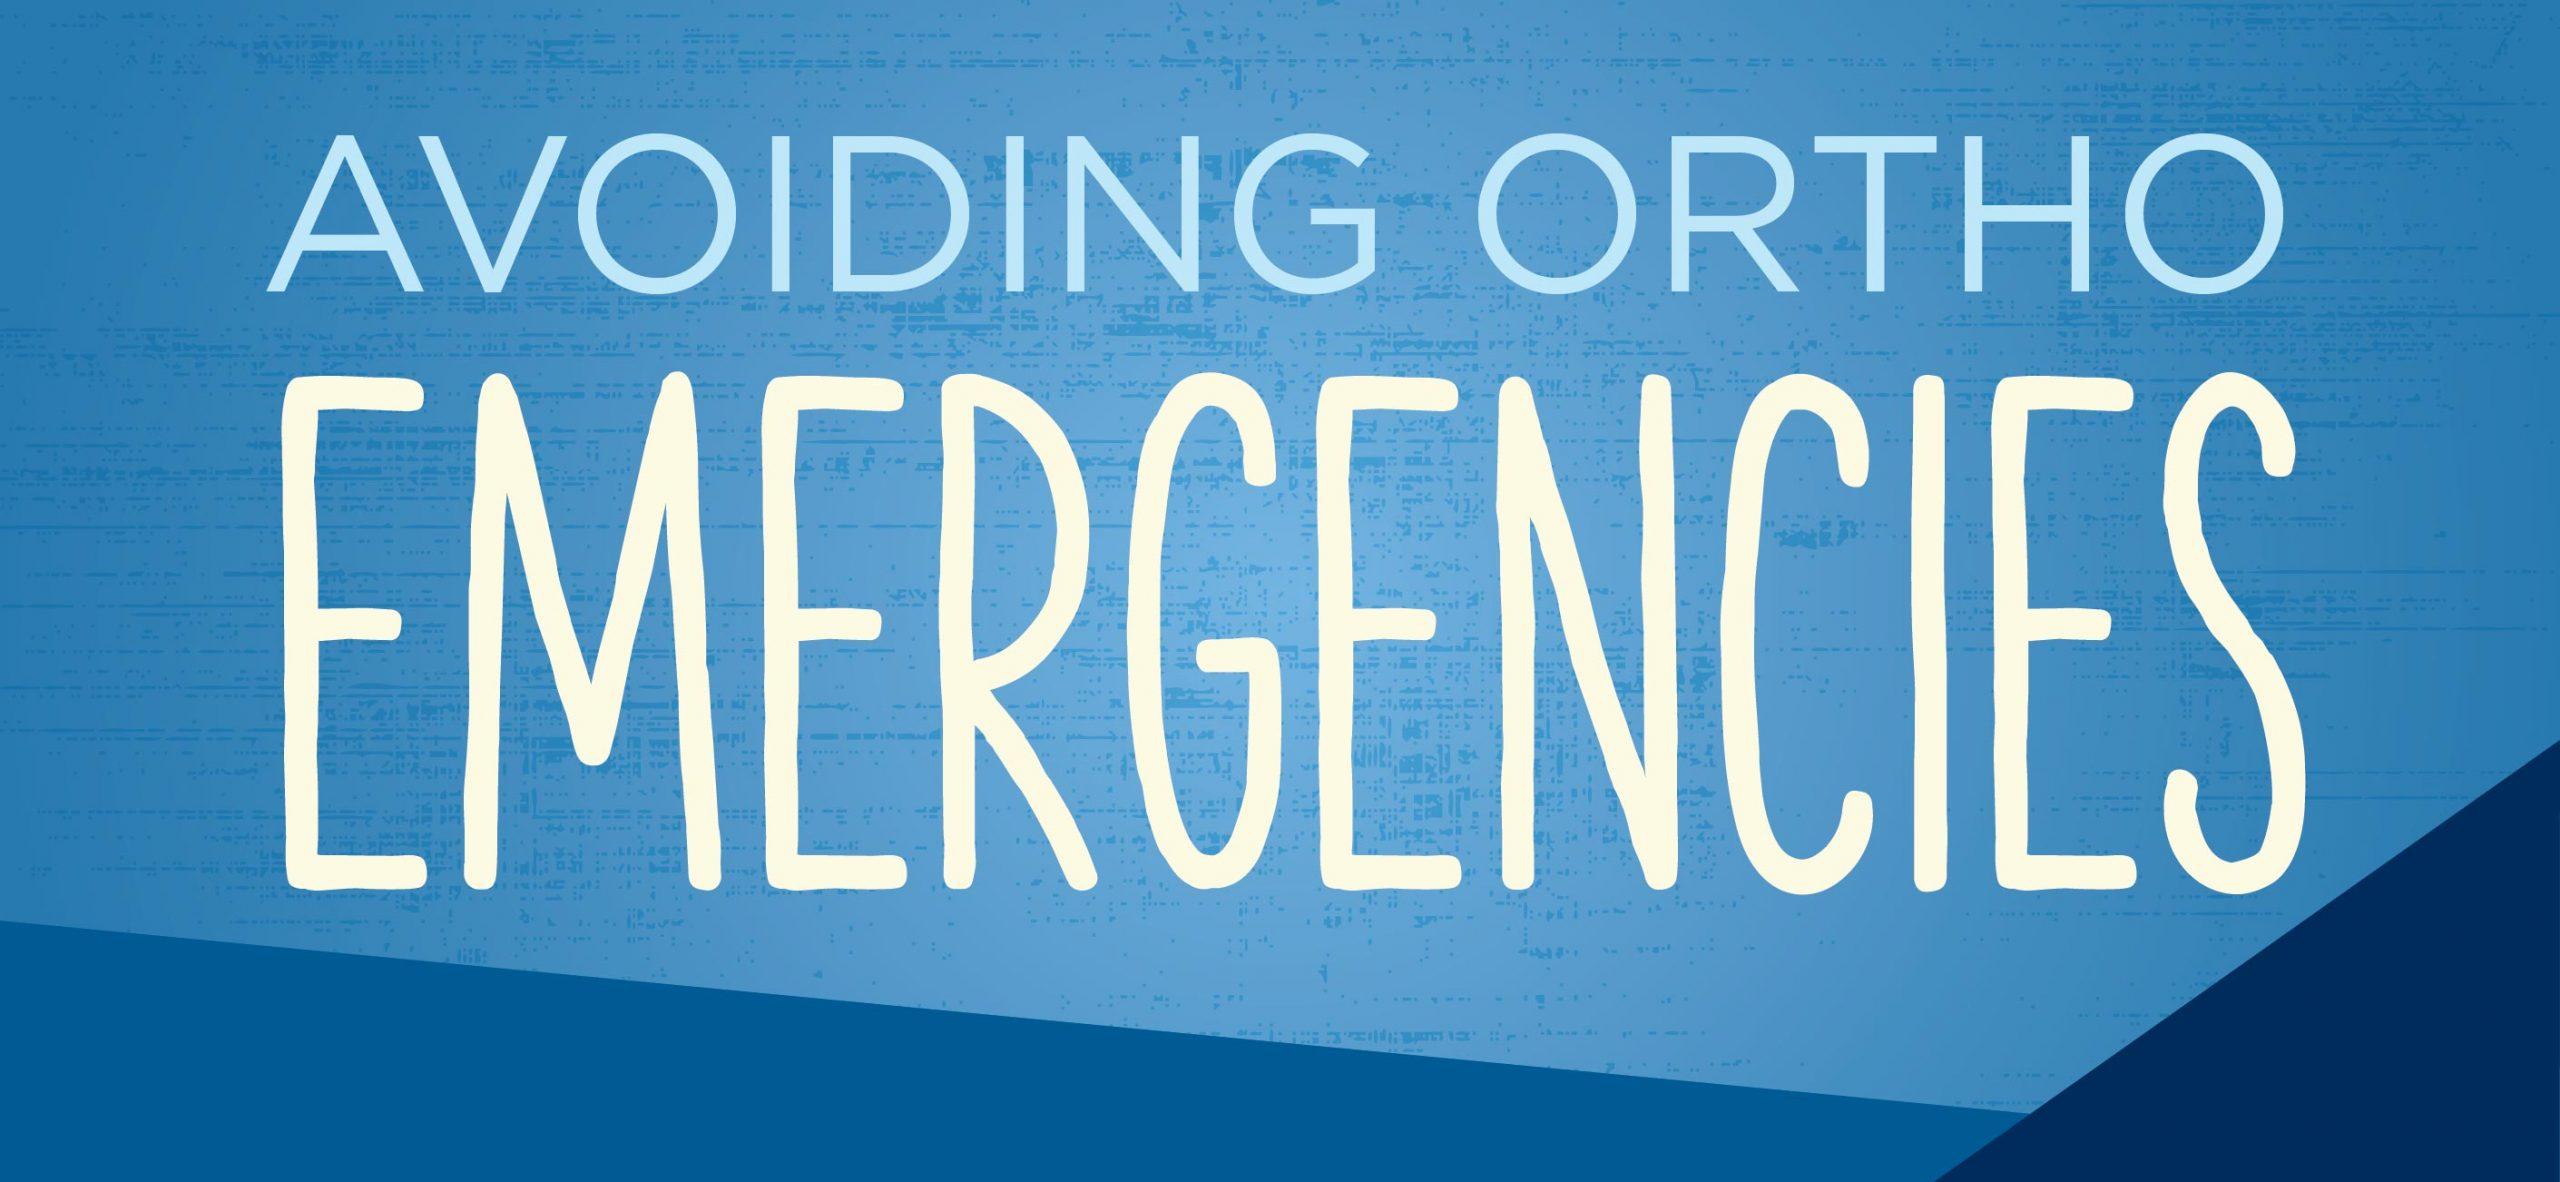 Hanis & Stevenson Orthodontics Avoiding Orthodontic Emergencies